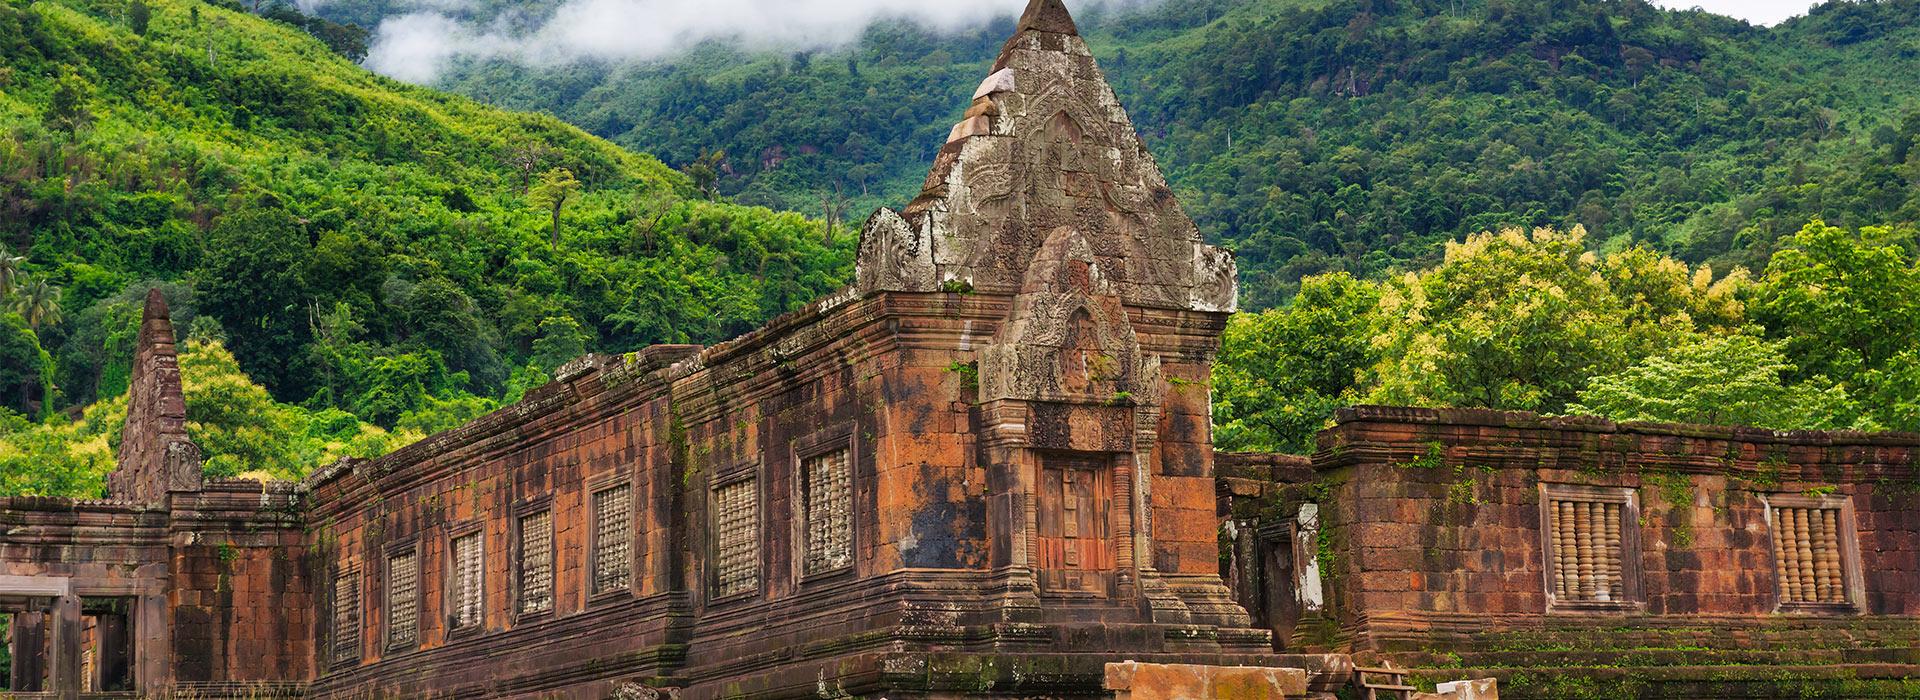 Reisen nach Laos - Individuelle Reisen nach Laos - Harry Kolb AG - Tourismus